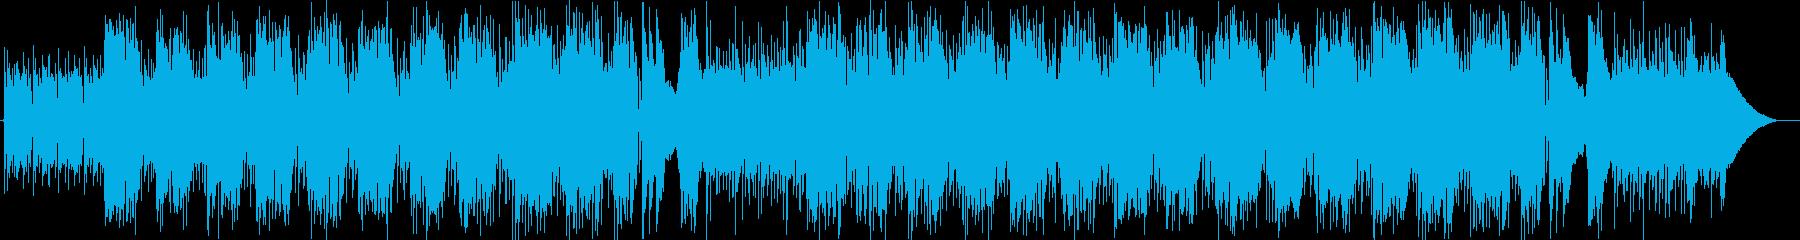 弾力性のあるブラッシュシャッフルグ...の再生済みの波形